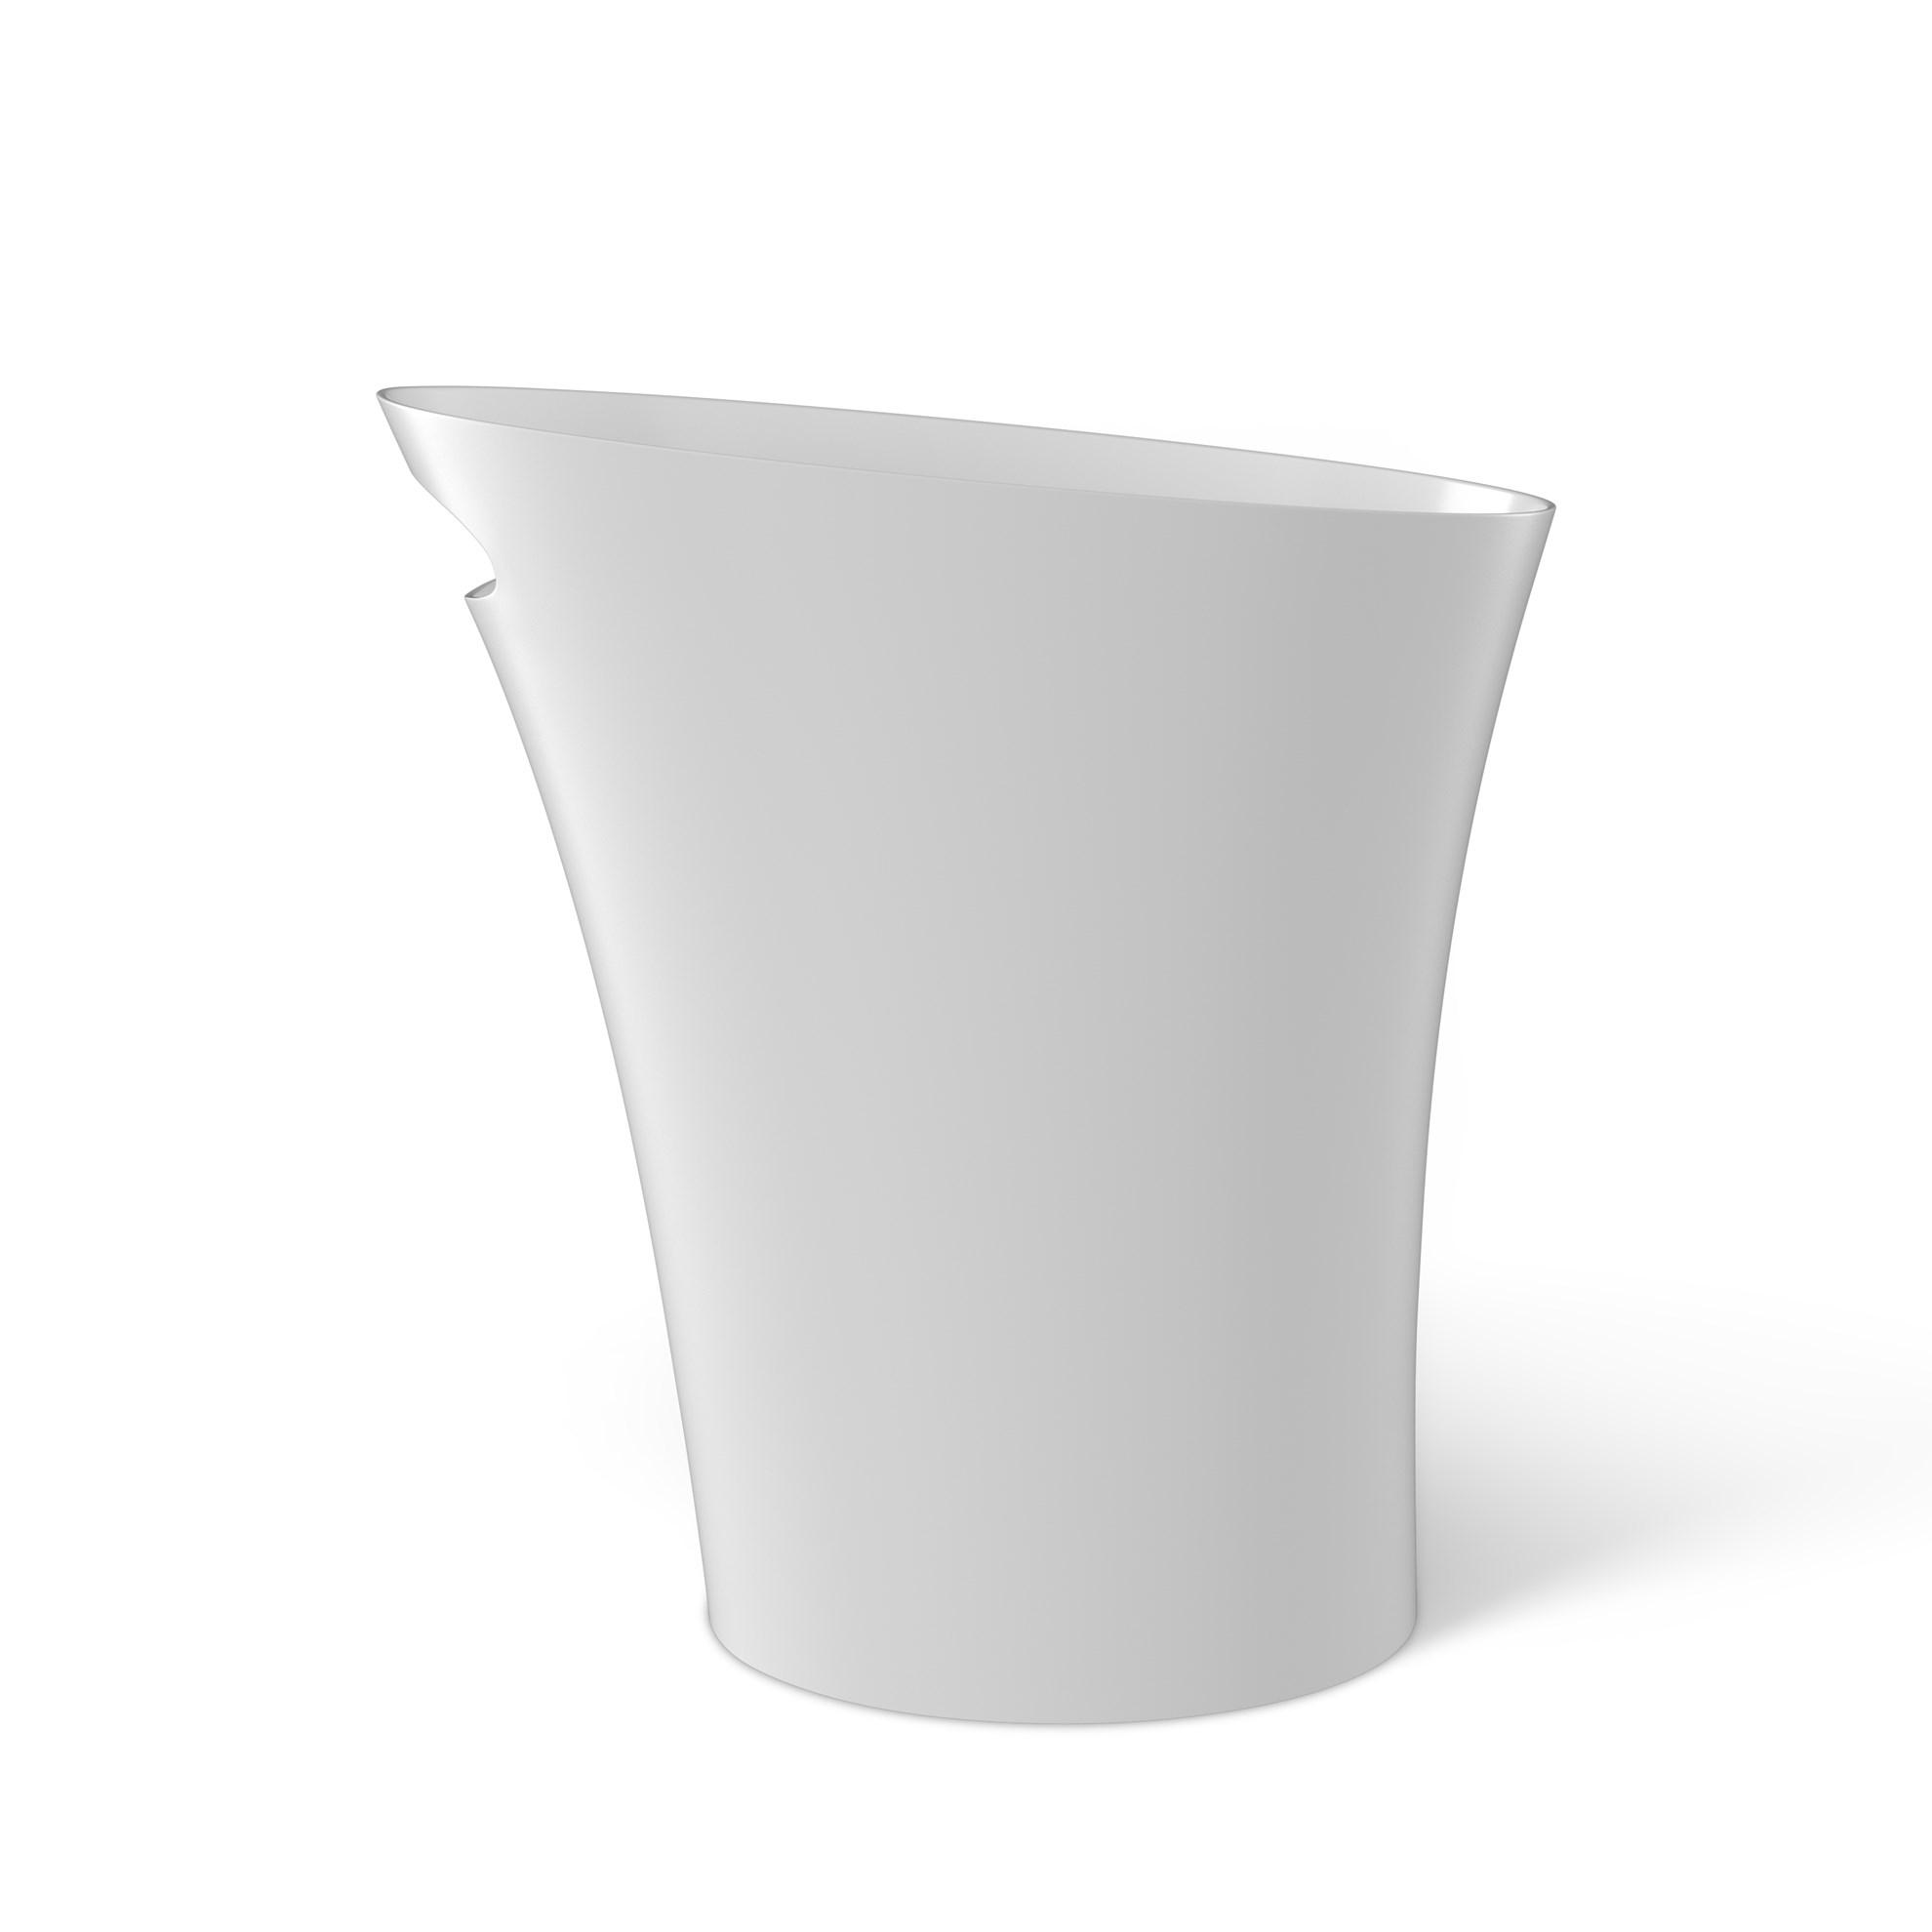 Odpadkový koš SKINNY 7,5 l bílý_4